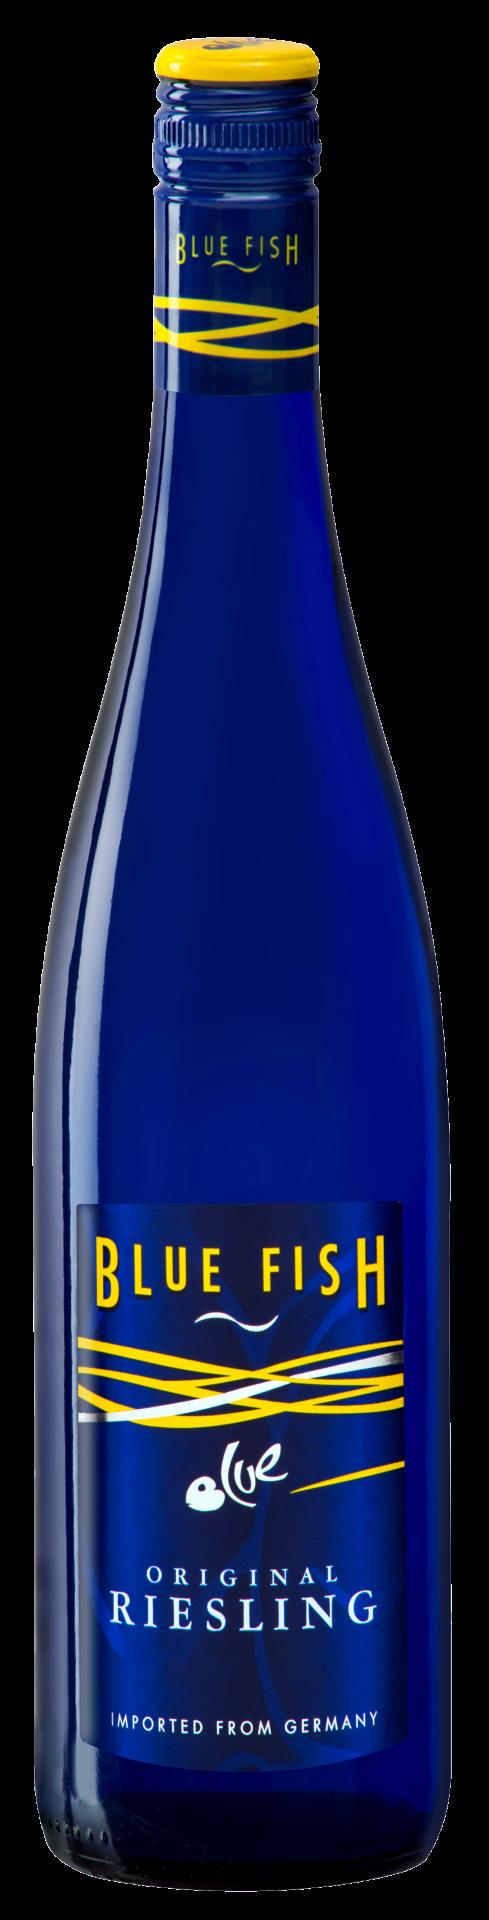 2014 Blue Fish Riesling Pfalz